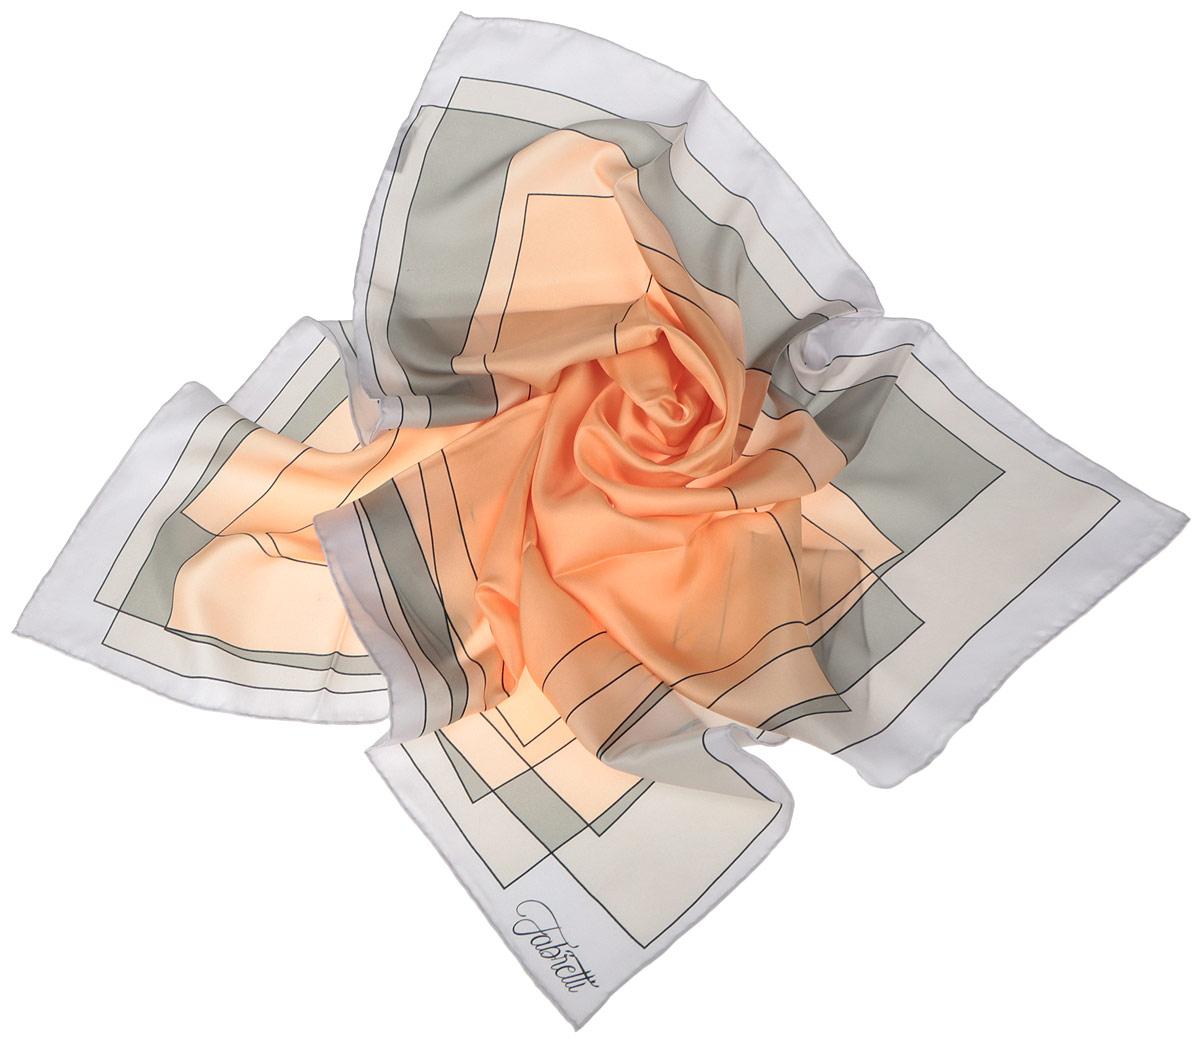 CX1516-47-4Стильный женский платок Fabretti станет великолепным завершением любого наряда. Платок изготовлен из высококачественного шелка и оформлен принтом с изображением оригинального цветового градиента. Классическая квадратная форма позволяет носить платок на шее, украшать им прическу или декорировать сумочку. Мягкий и шелковистый платок поможет вам создать изысканный женственный образ, а также согреет в непогоду. Такой платок превосходно дополнит любой наряд и подчеркнет ваш неповторимый вкус и элегантность.